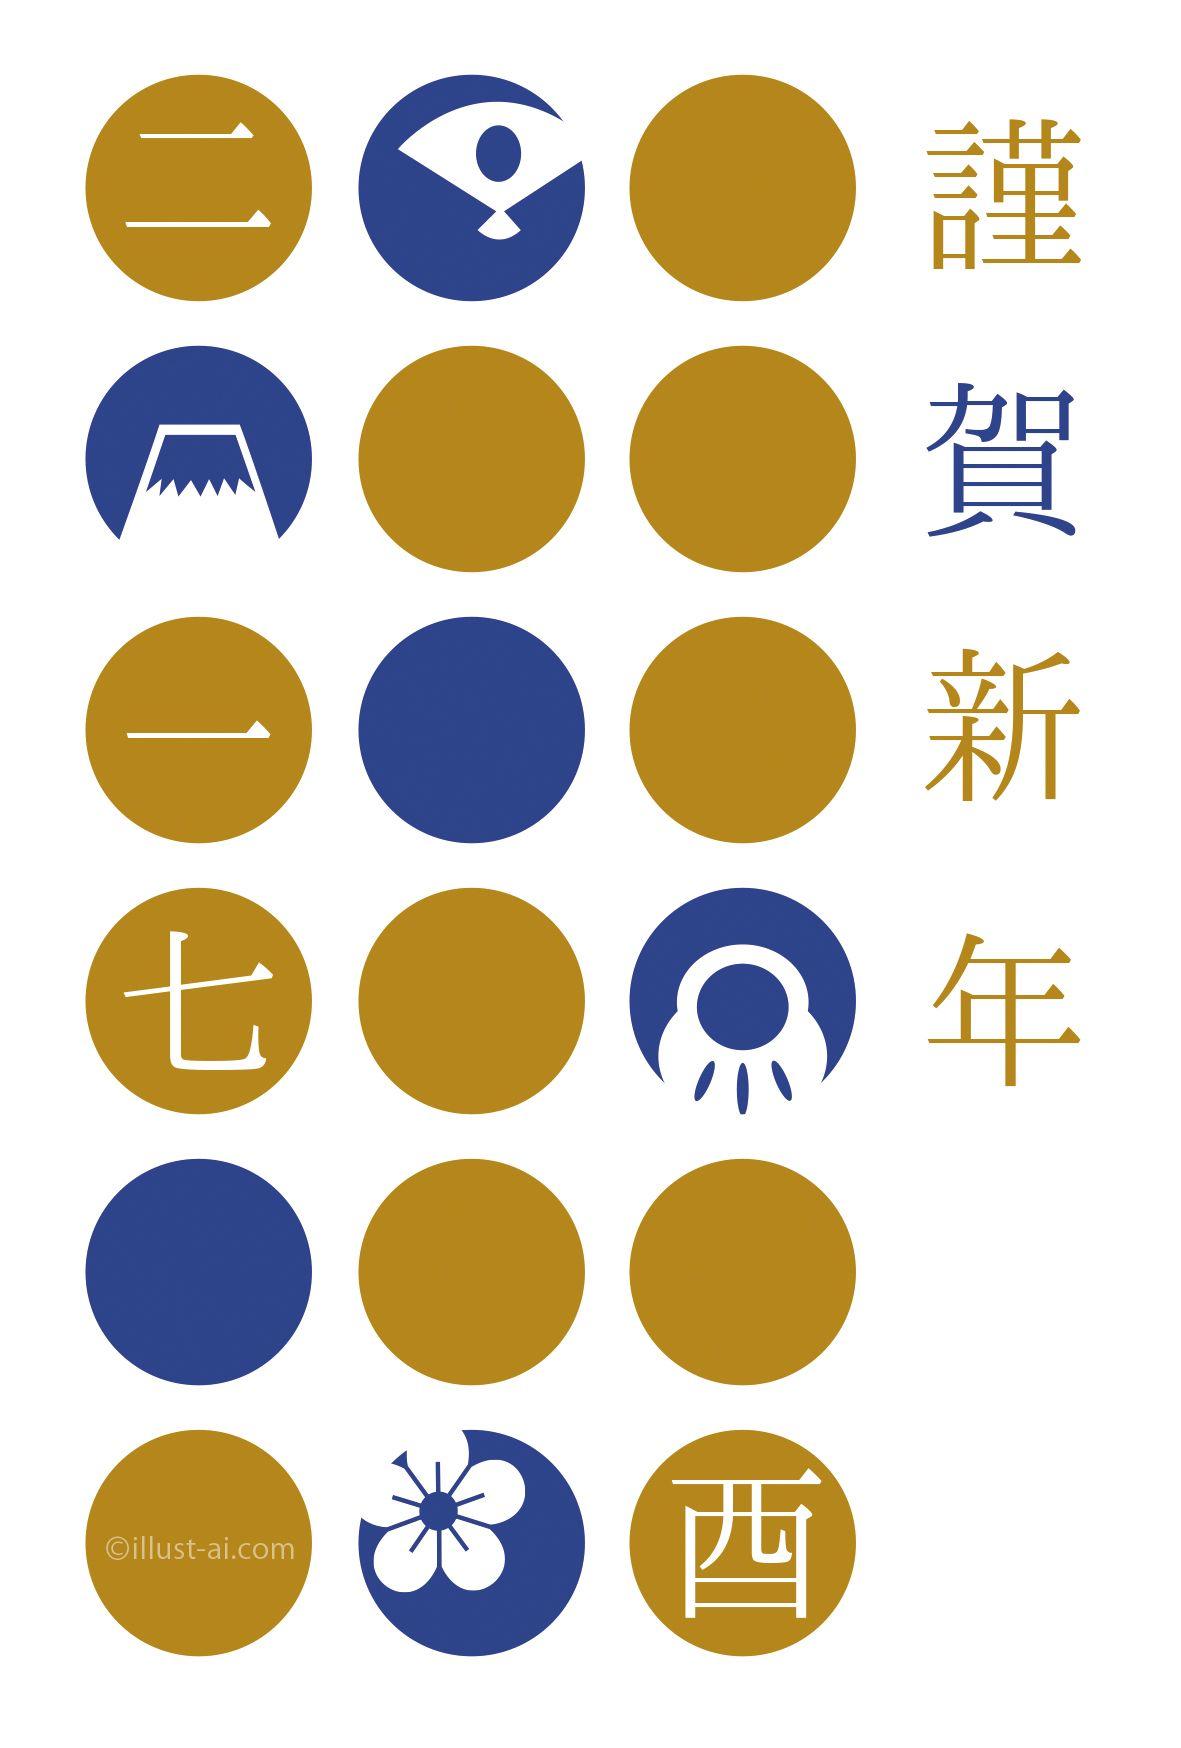 お正月ドット 年賀状 2017 和風 無料 イラスト | for design_asian